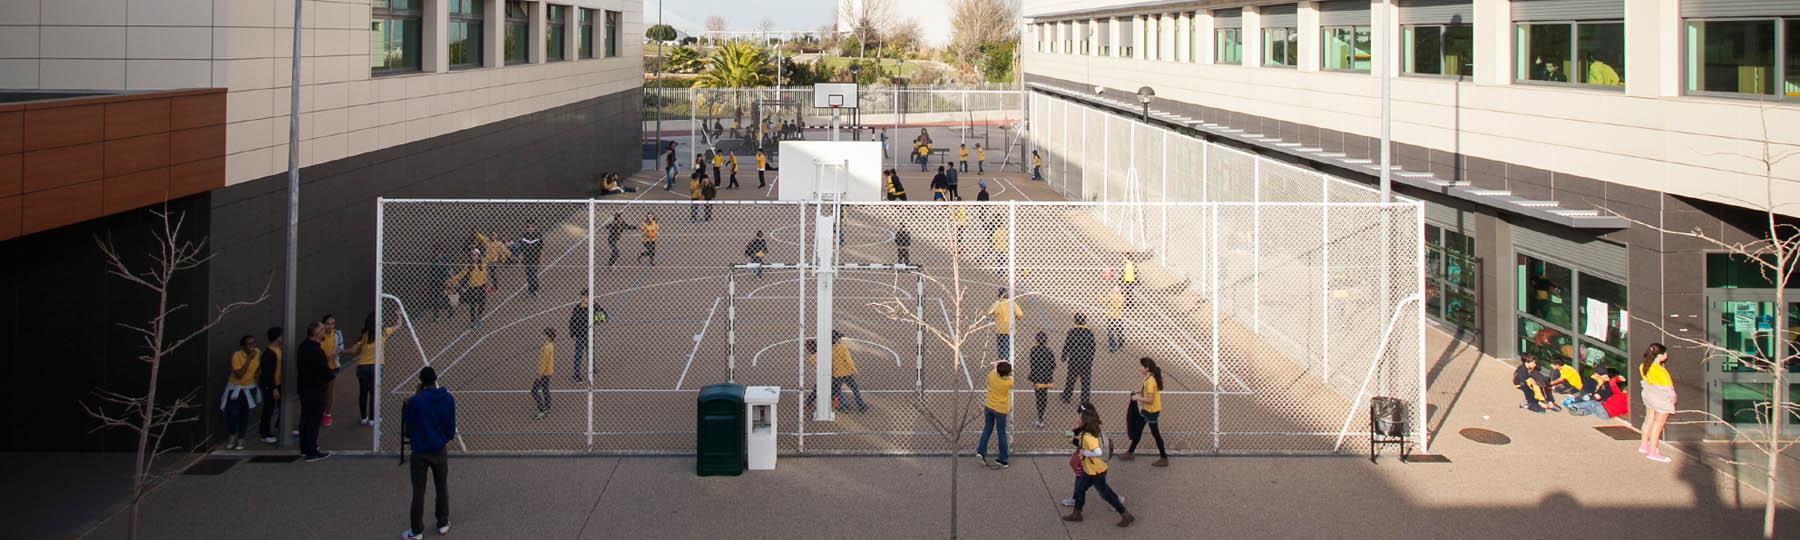 Colégio Parque das Nações1